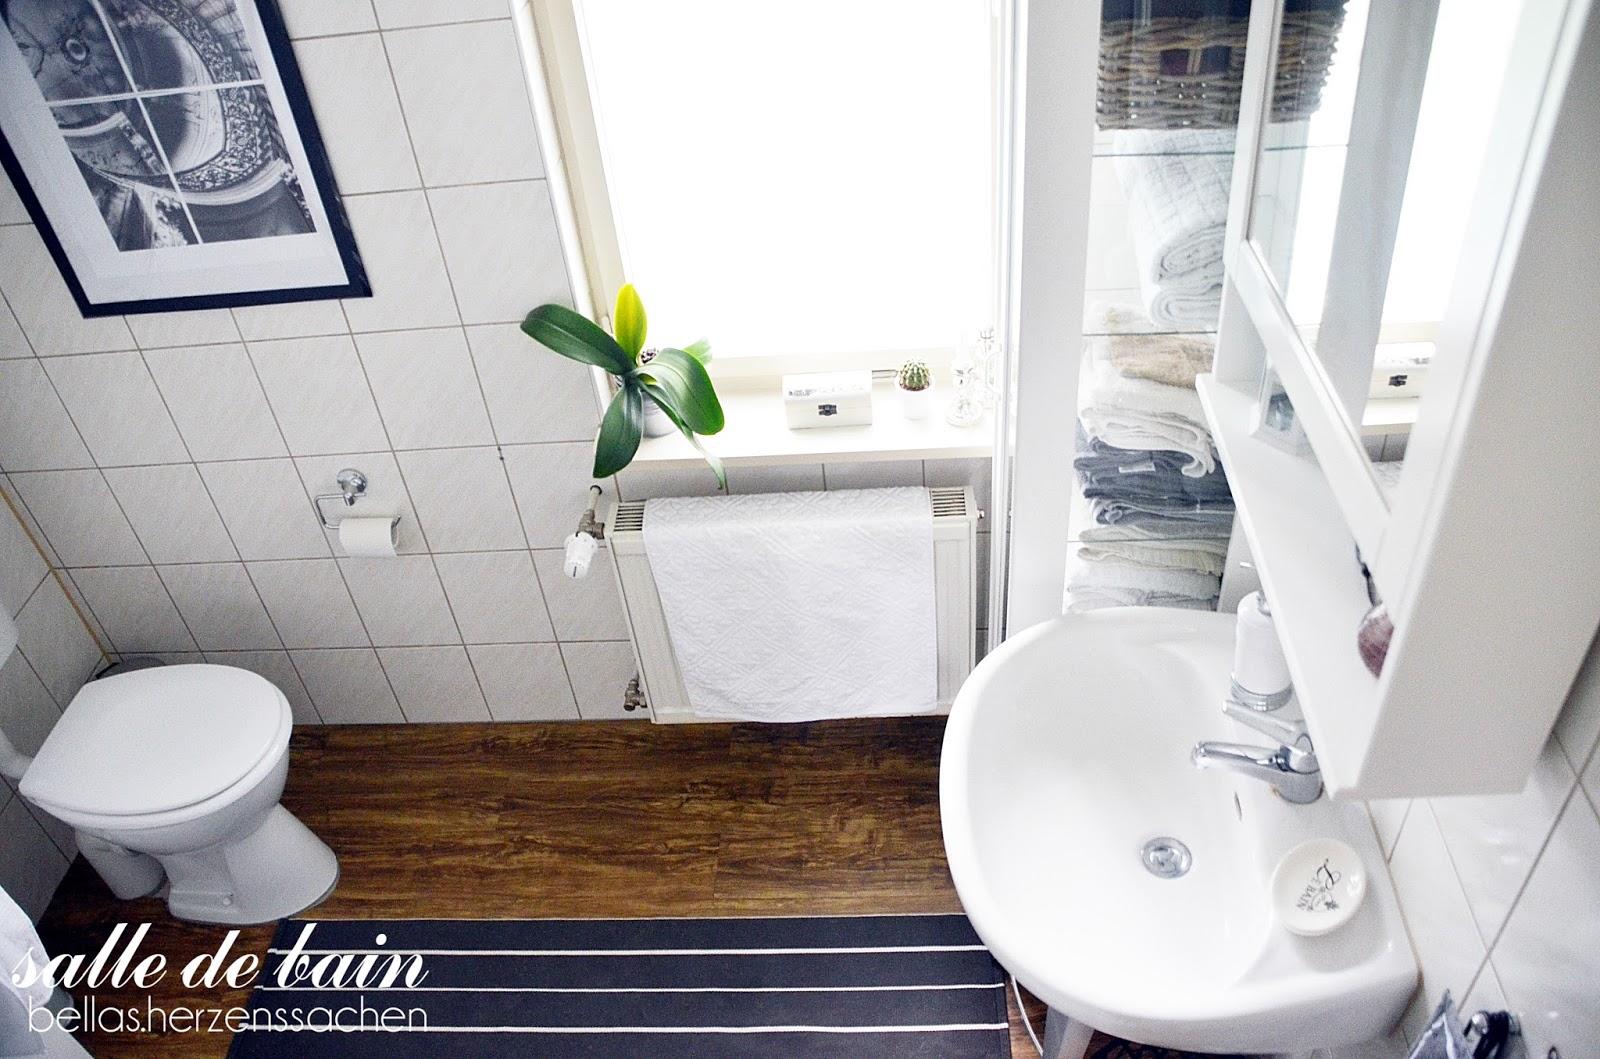 unser Bad - salle de bain - Bellas.HerzensSachen